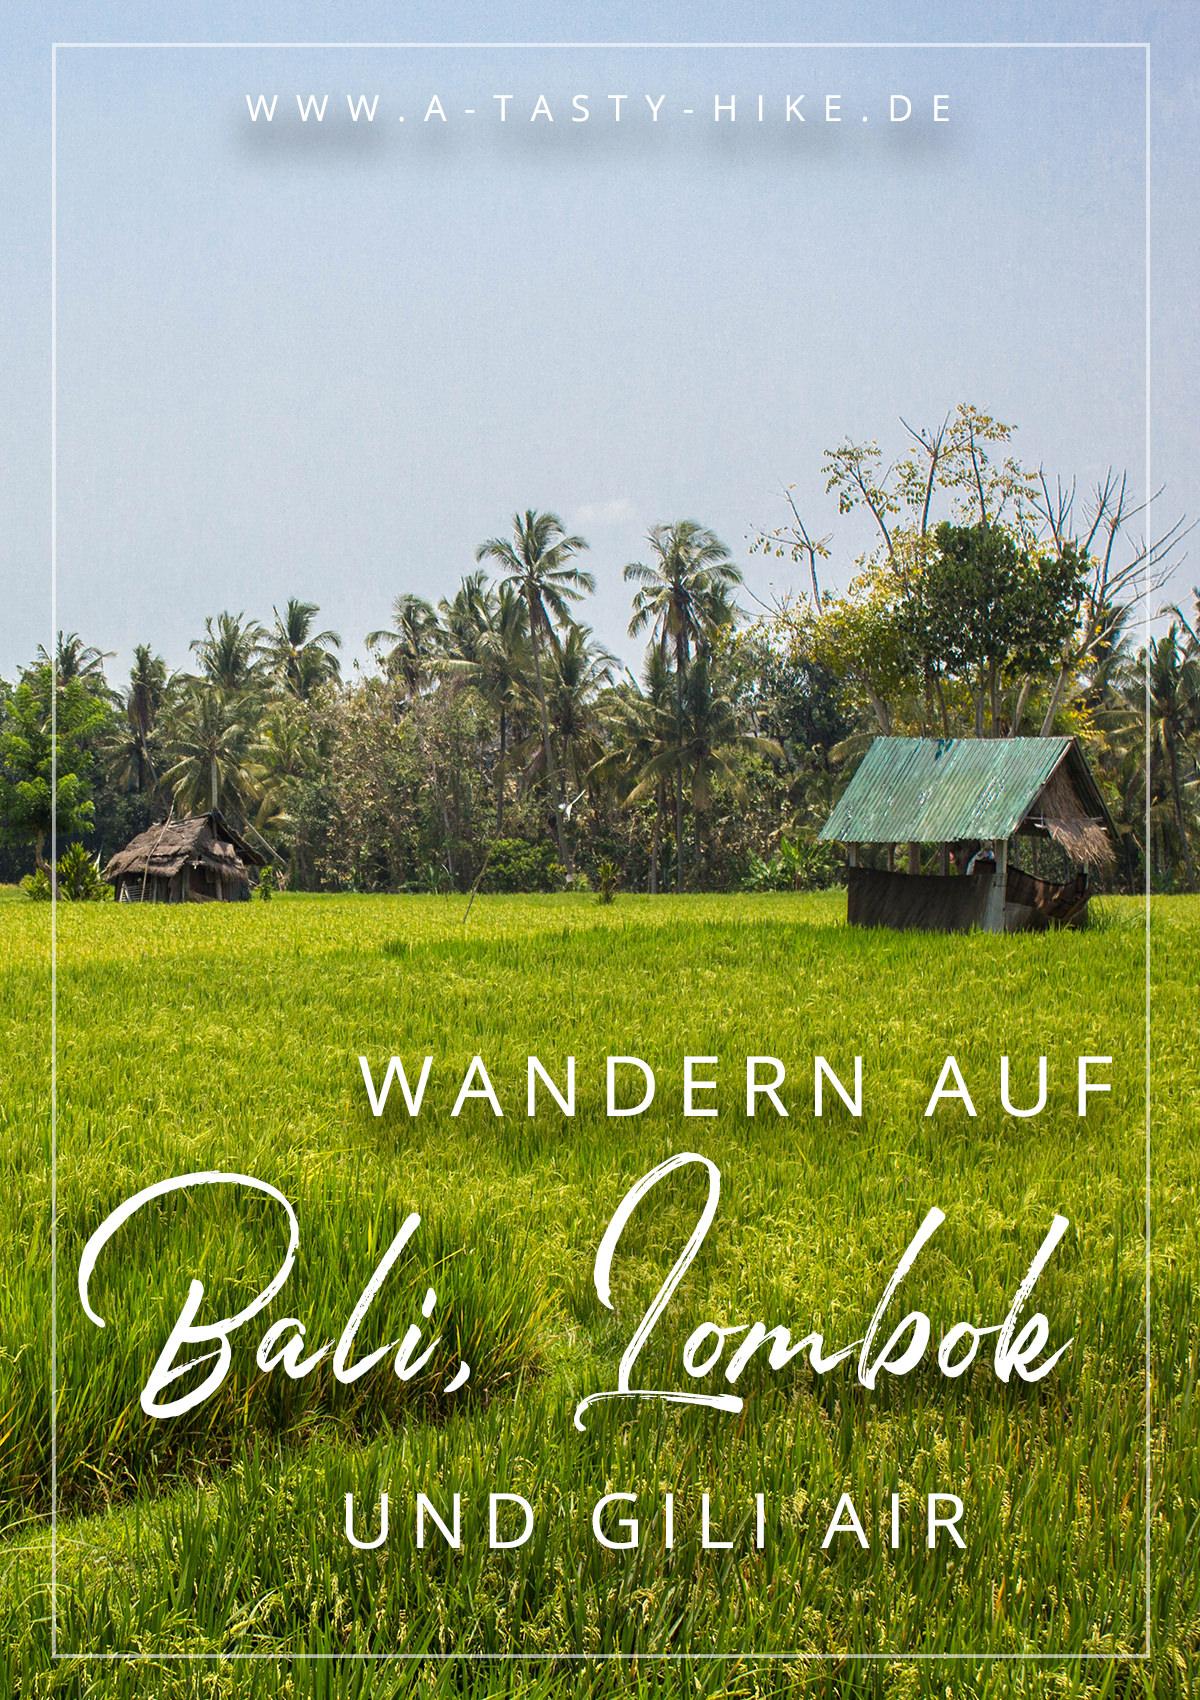 Wo kann man auf Bali wandern gehen? Es gibt viele tolle Wanderungen auf Bali, Lombok und Gili Air, die du bei deiner nächsten Bali Reise auf keinen Fall verpassen solltest! #Wandern #Bali #Lombok #GiliAir #Wanderungen